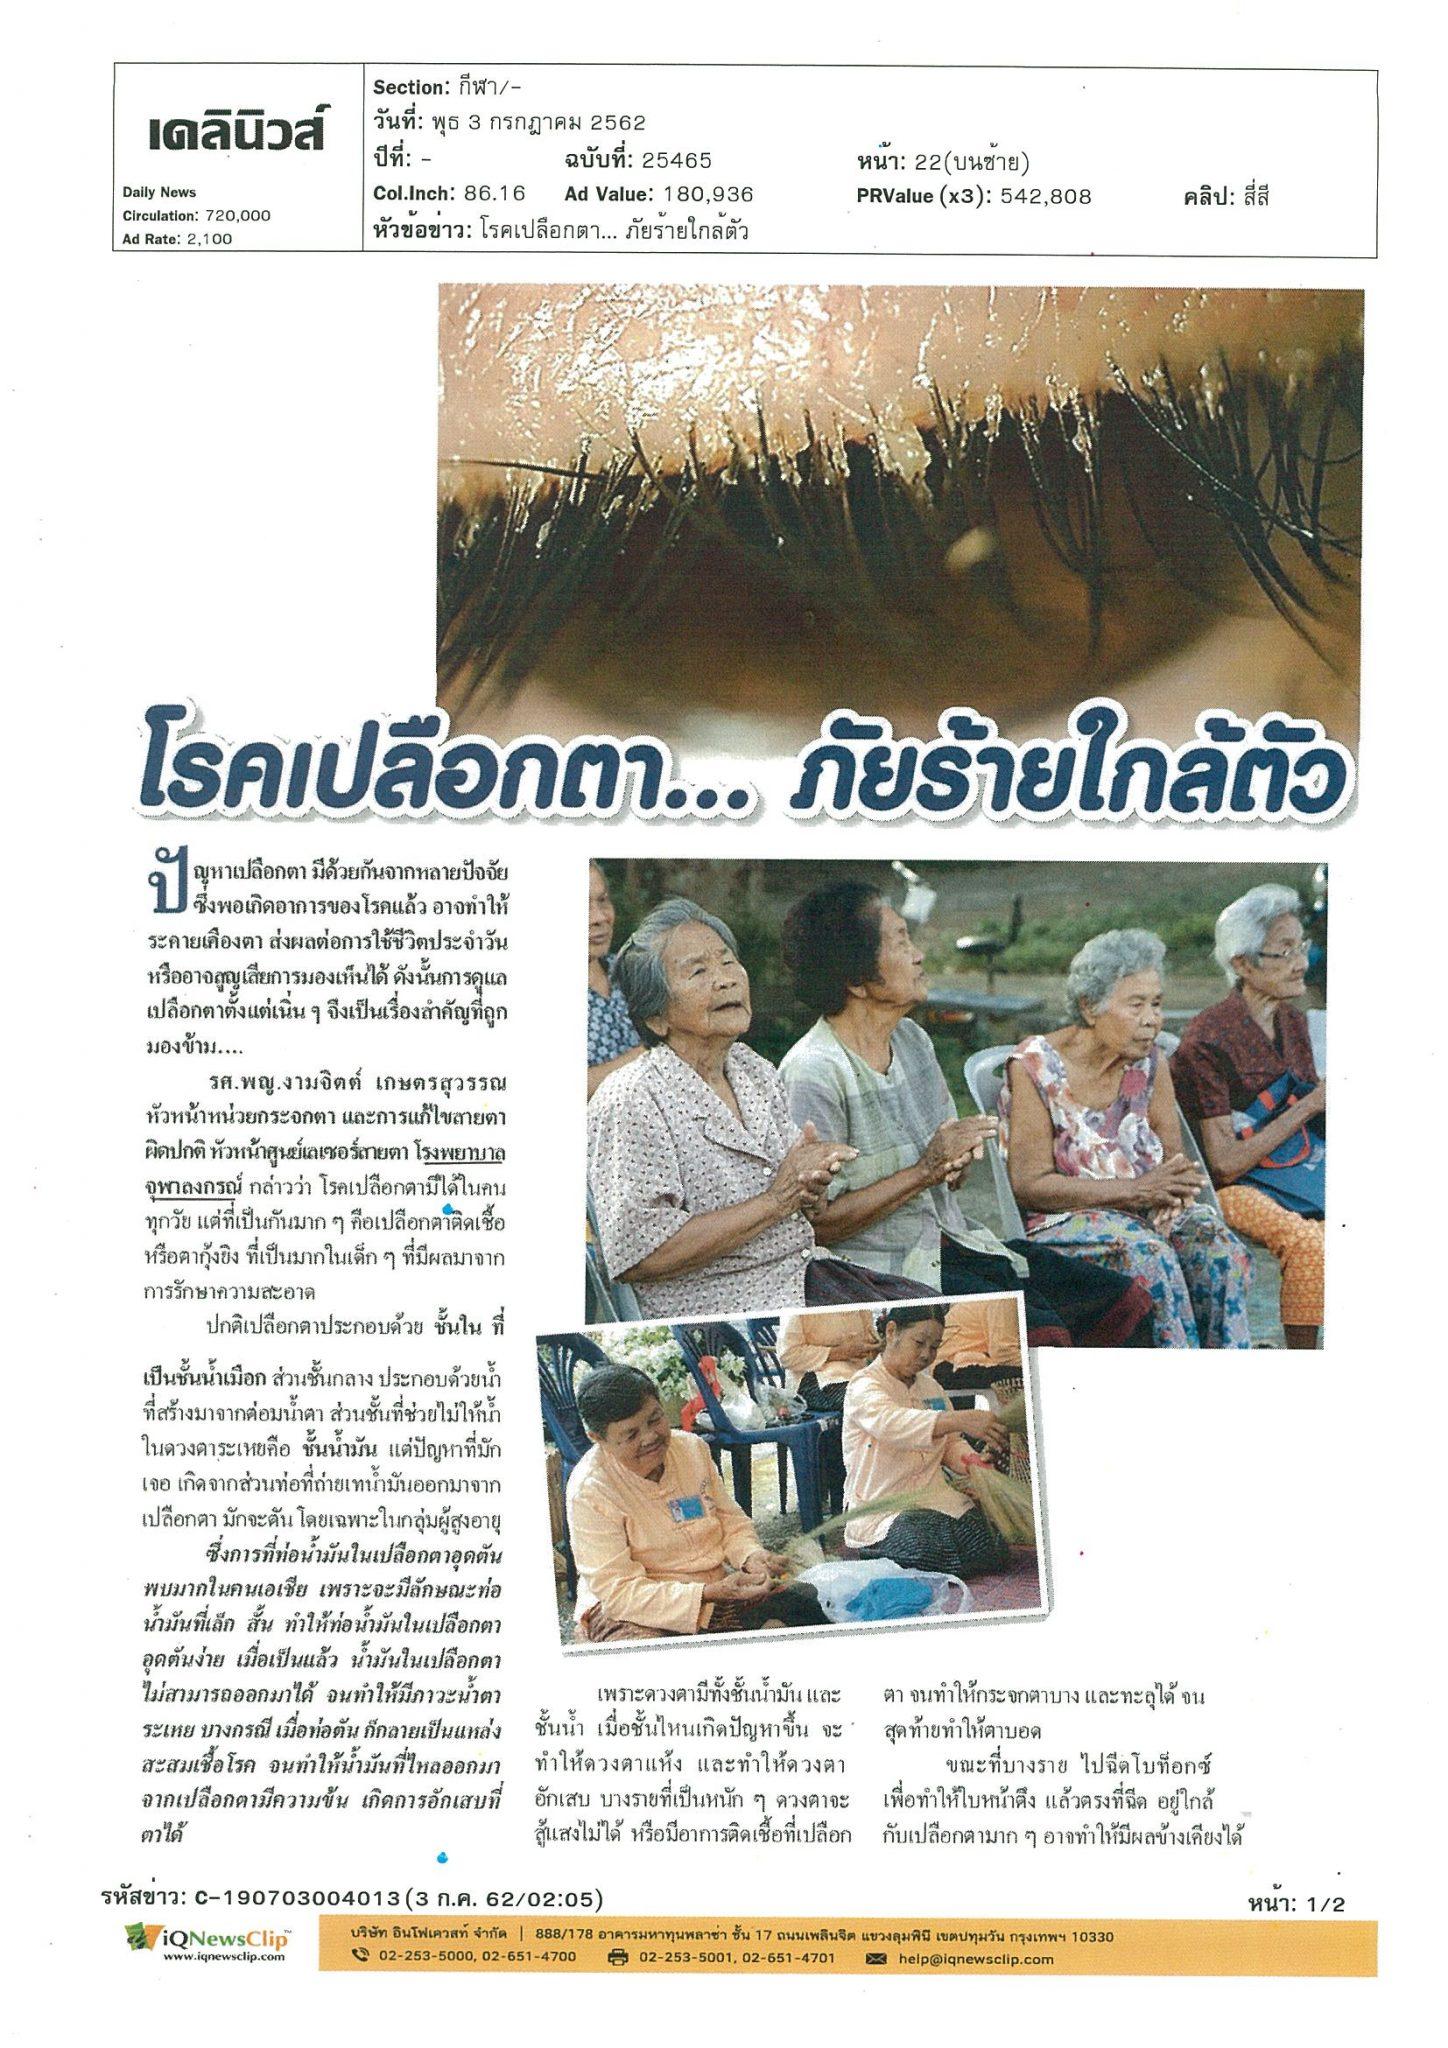 บทความ เรื่องโรคเปลือกตา…ภัยร้ายใกล้ตัว